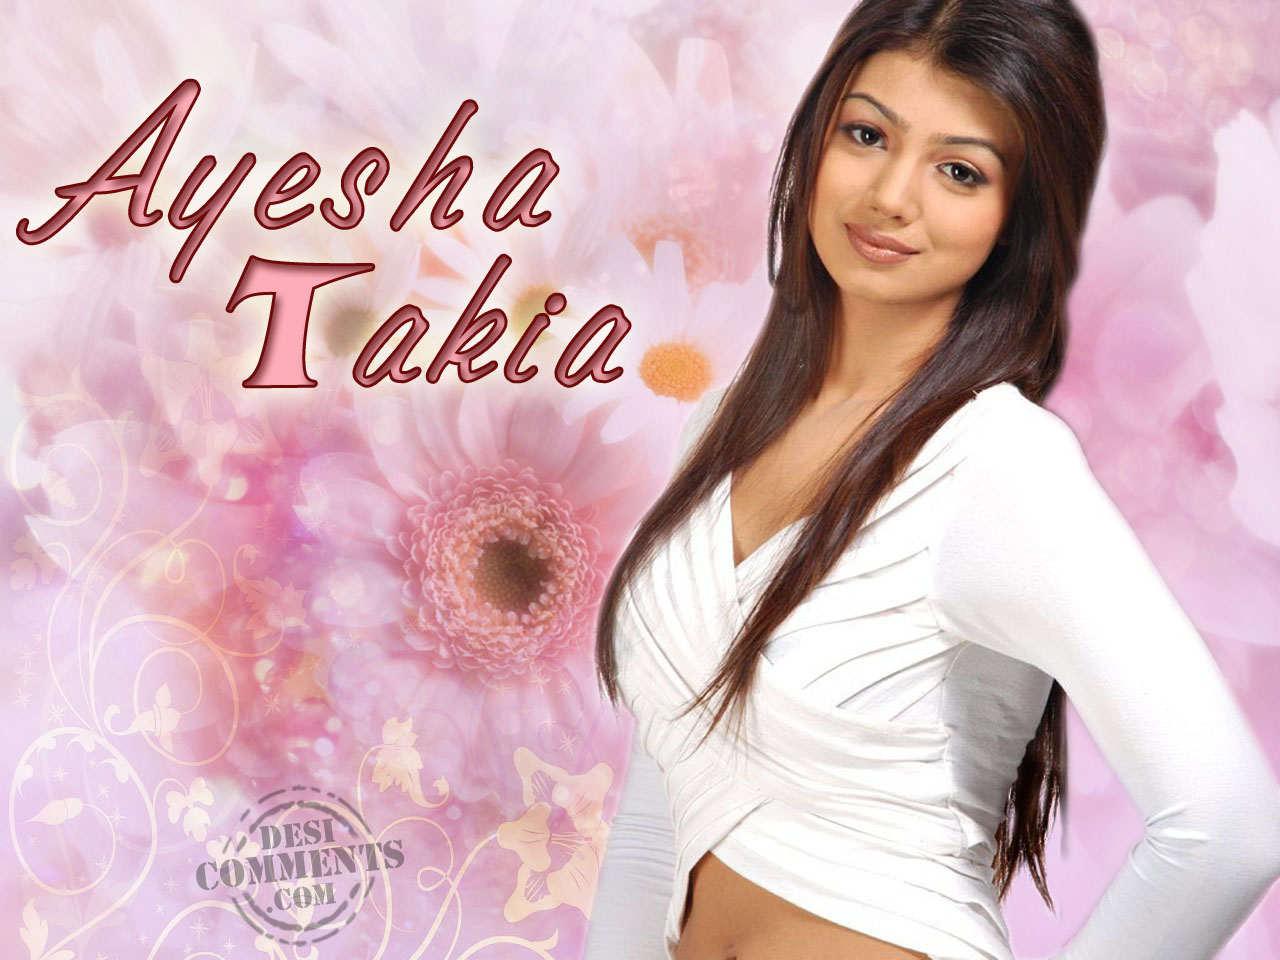 http://4.bp.blogspot.com/-aIs15AN39ZI/Tzx1-jQyqfI/AAAAAAAAB4A/LSzfvt0LSZc/s1600/Ayesha+Takia+Wallpaper-2.jpg